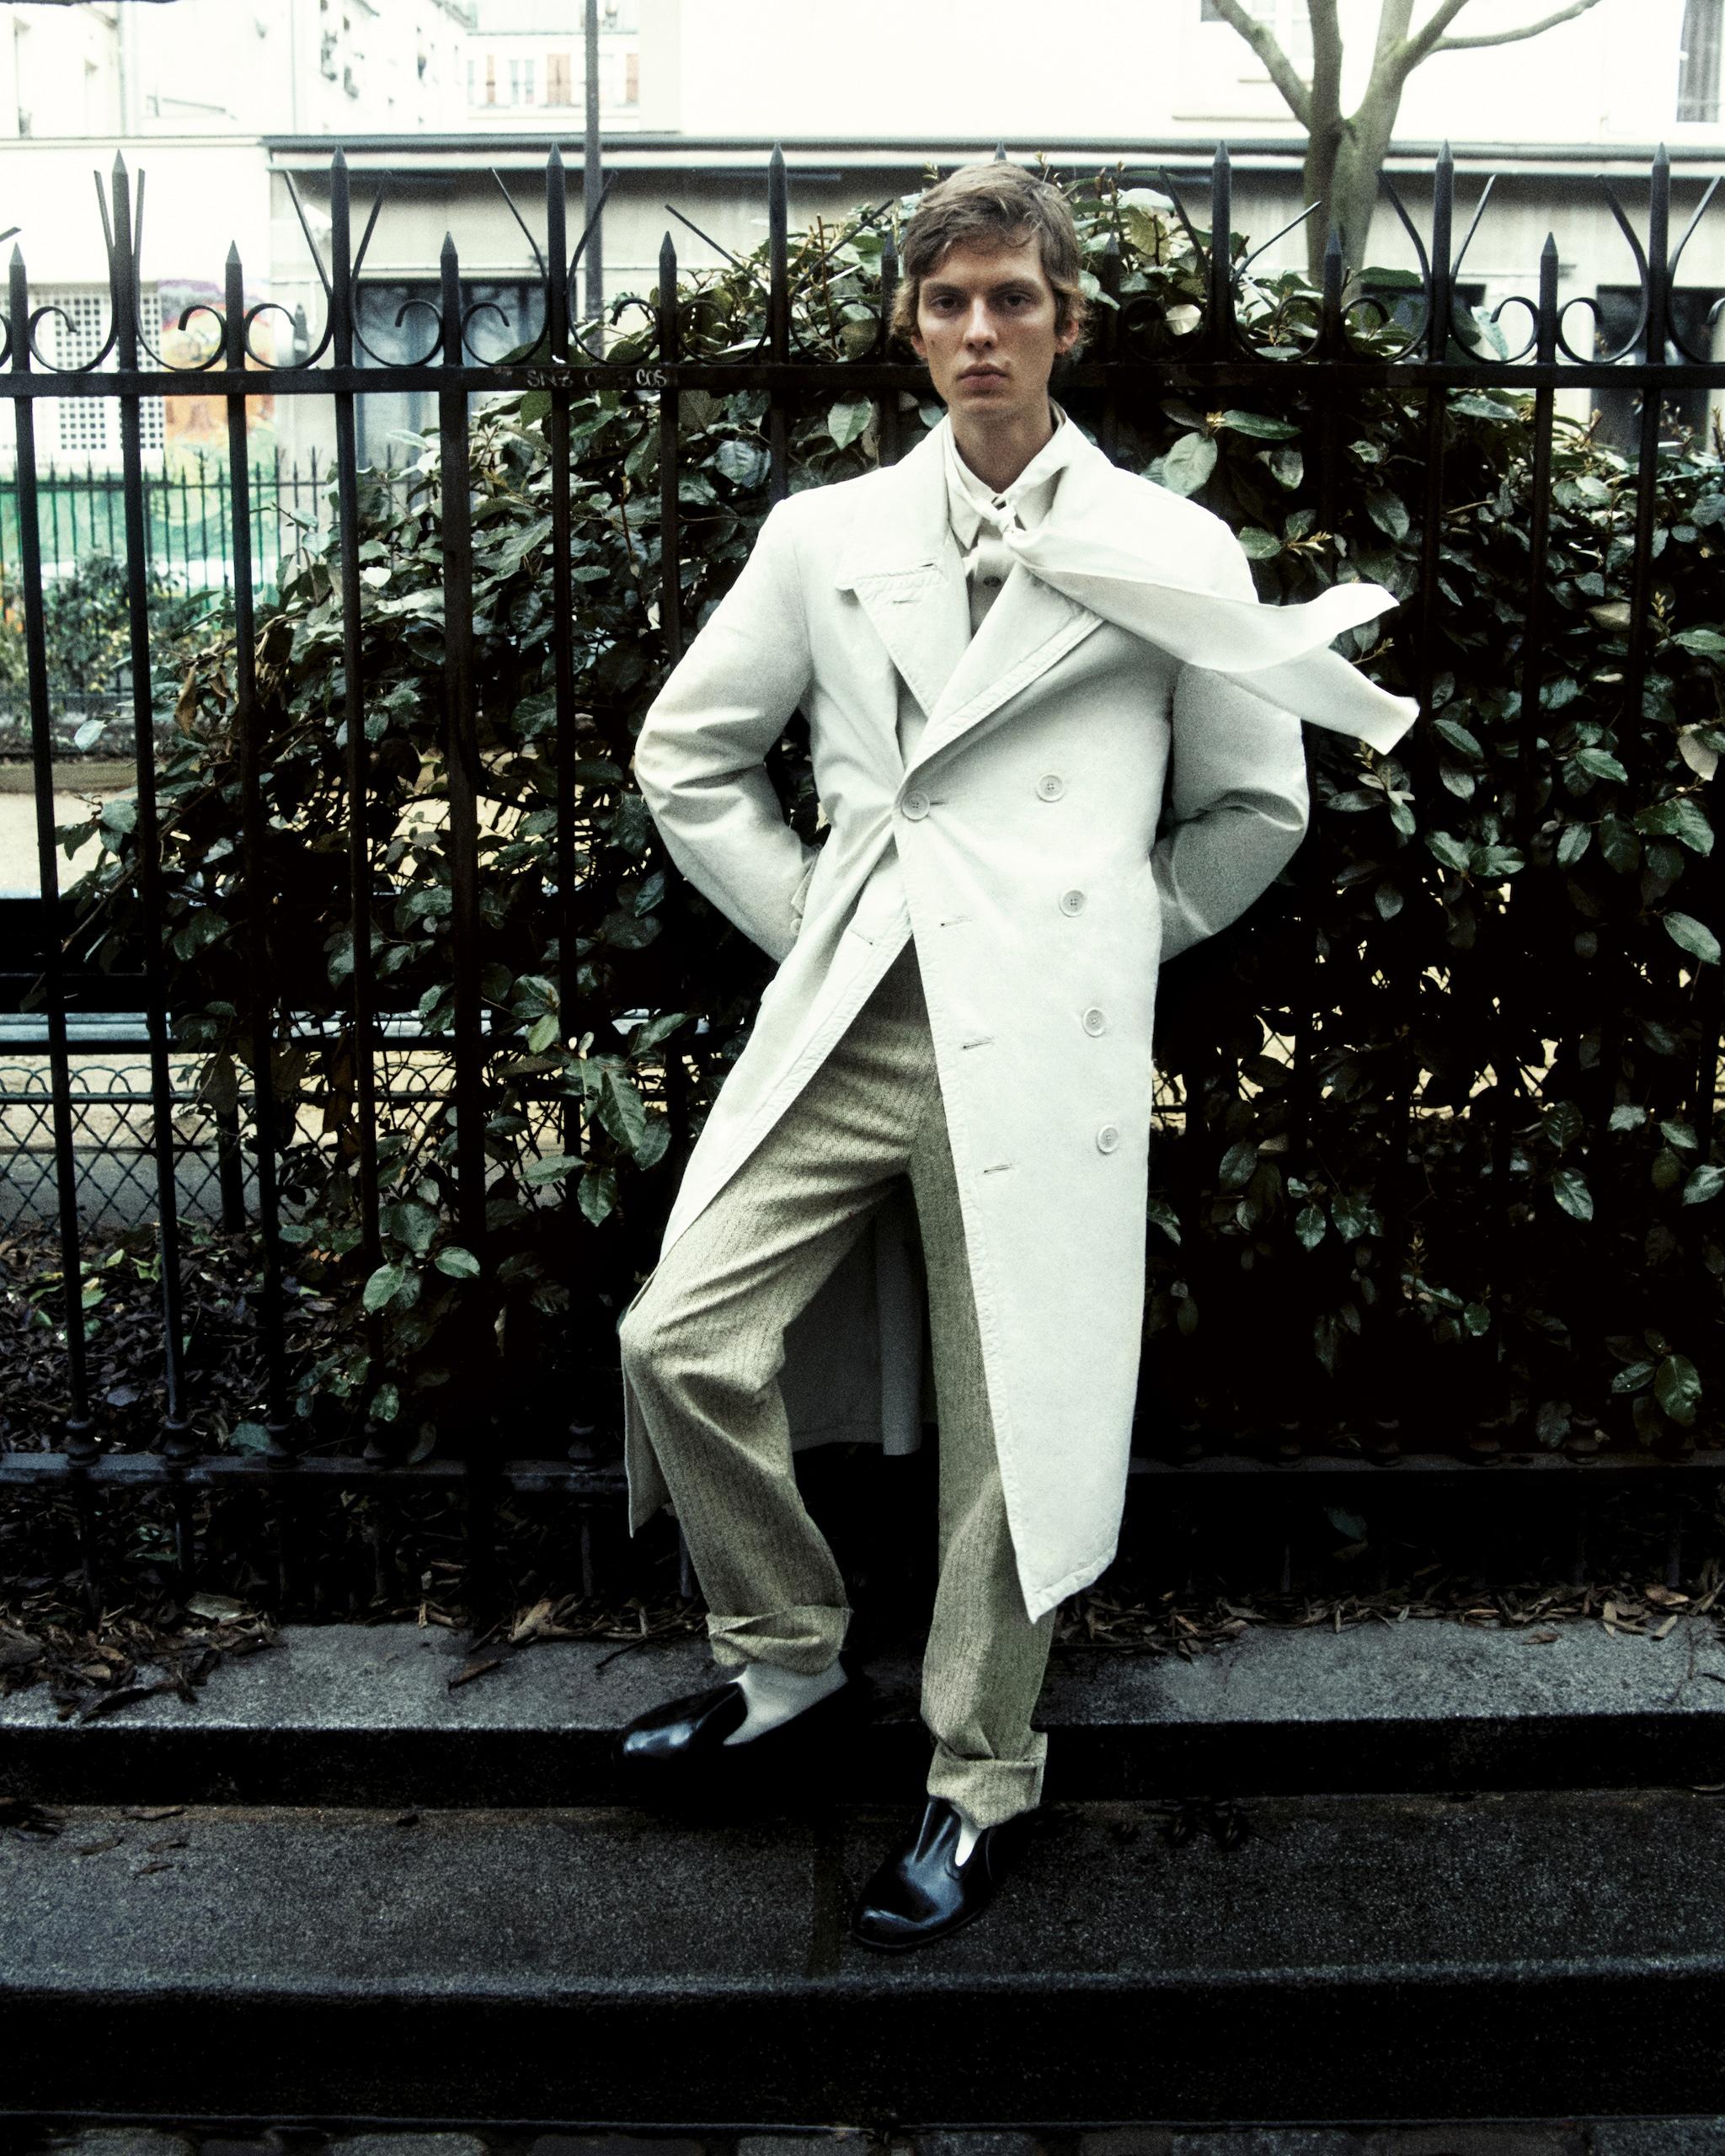 Trench in cotone, LEMAIRE (720 £). Camicia in twill di cotone (850 €) e pantaloni in cotone e poliammide (750 €). Tutto BOTTEGA VENETA. Sciarpa in chiffon di seta, CHARVET (200 €). Calze in lana, KERSTIN ADOLPHSON.